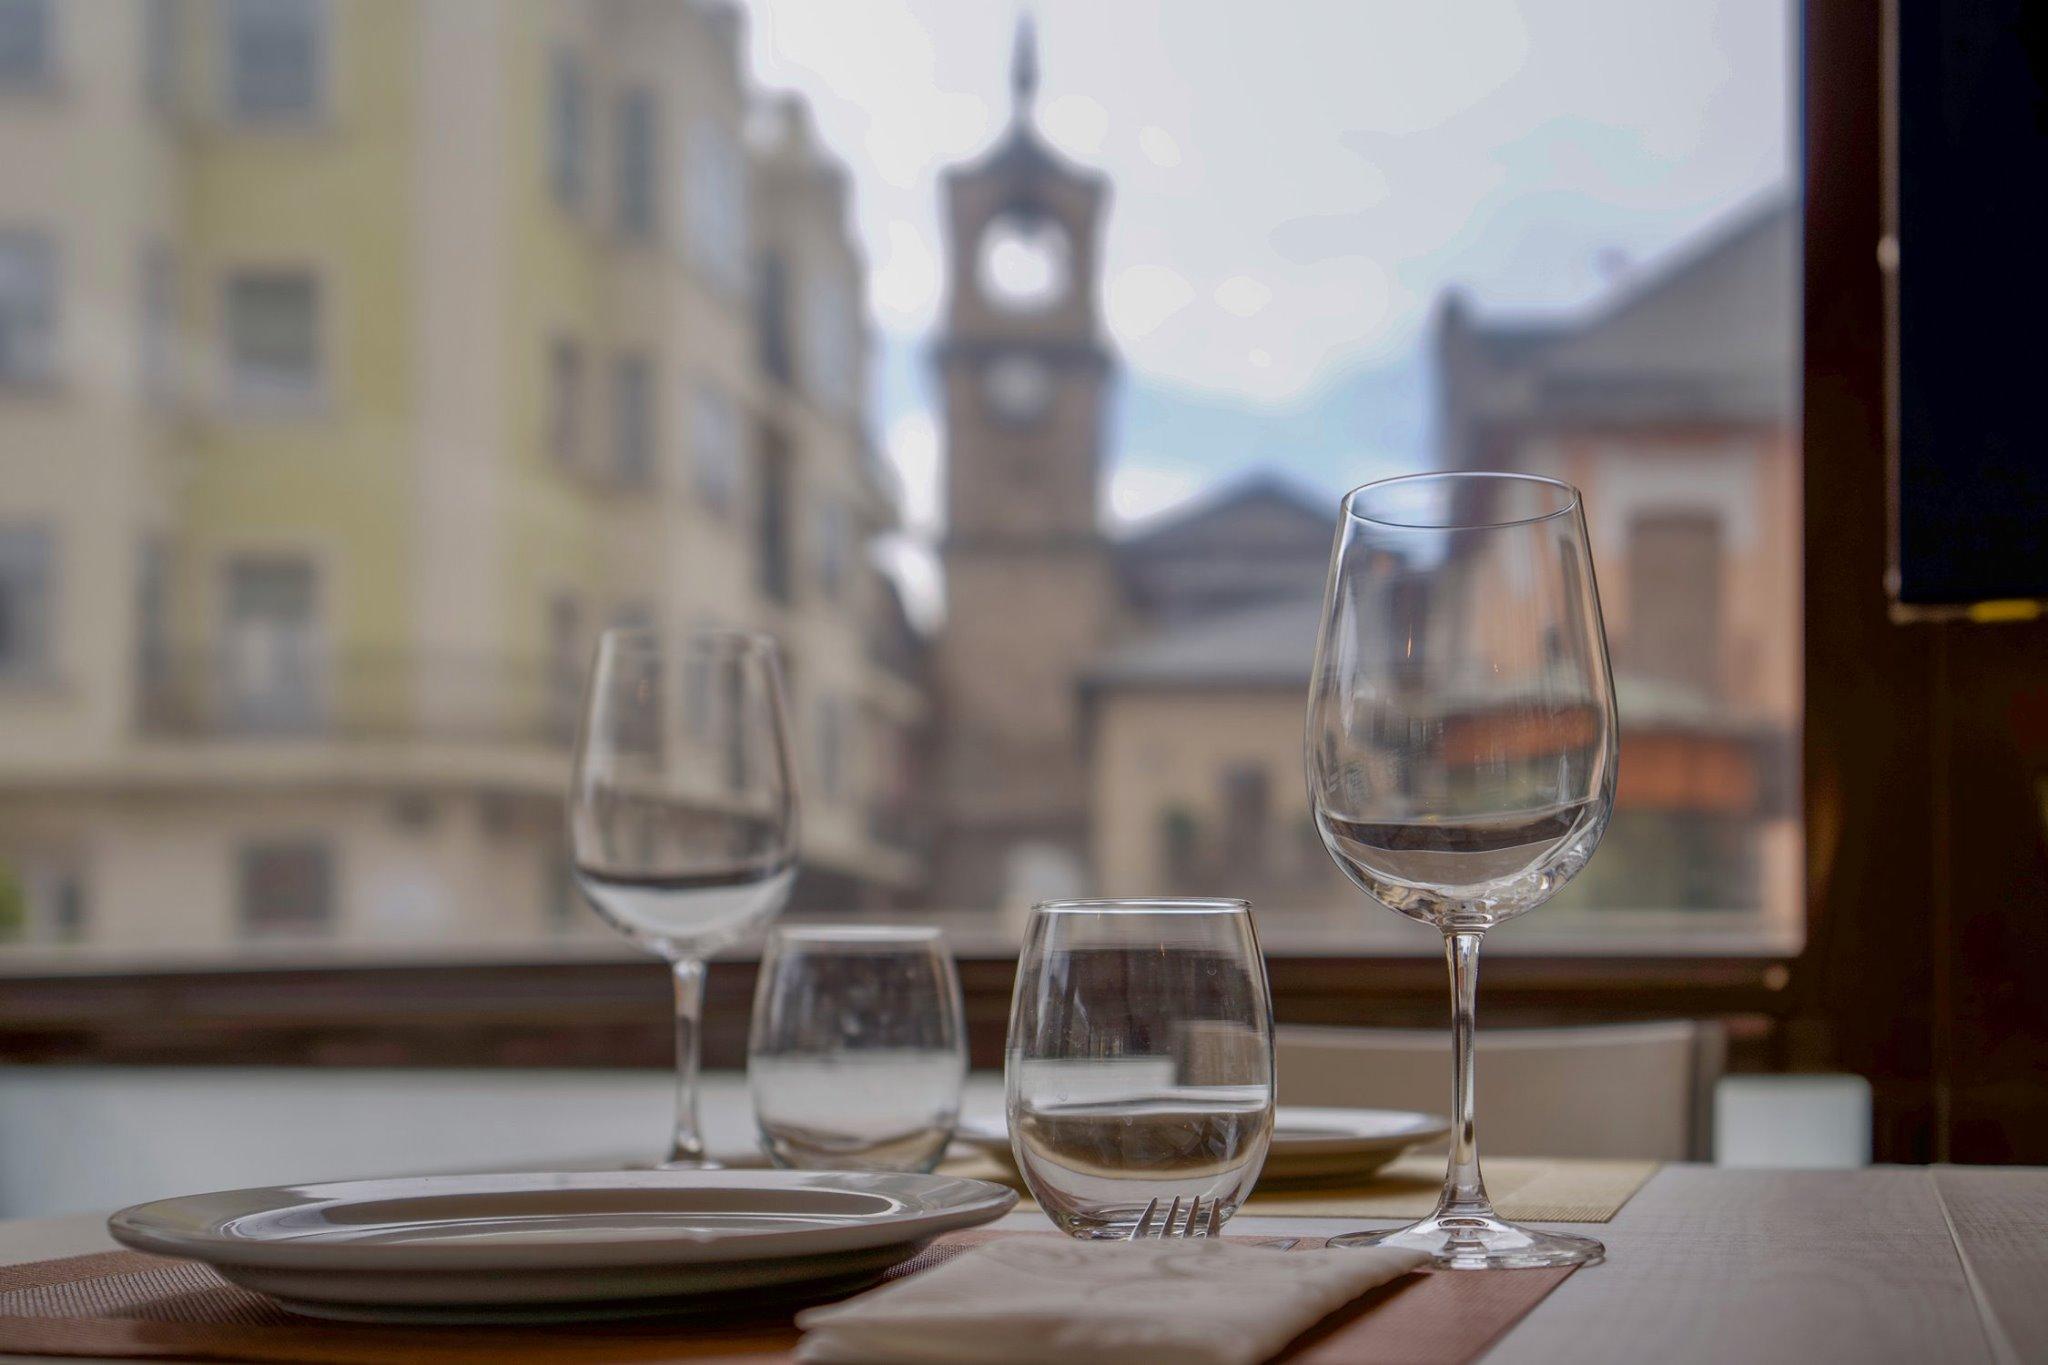 El Restaurante La Violeta estrena carta y dispone de nuevo servicio de comida a domicilio 2